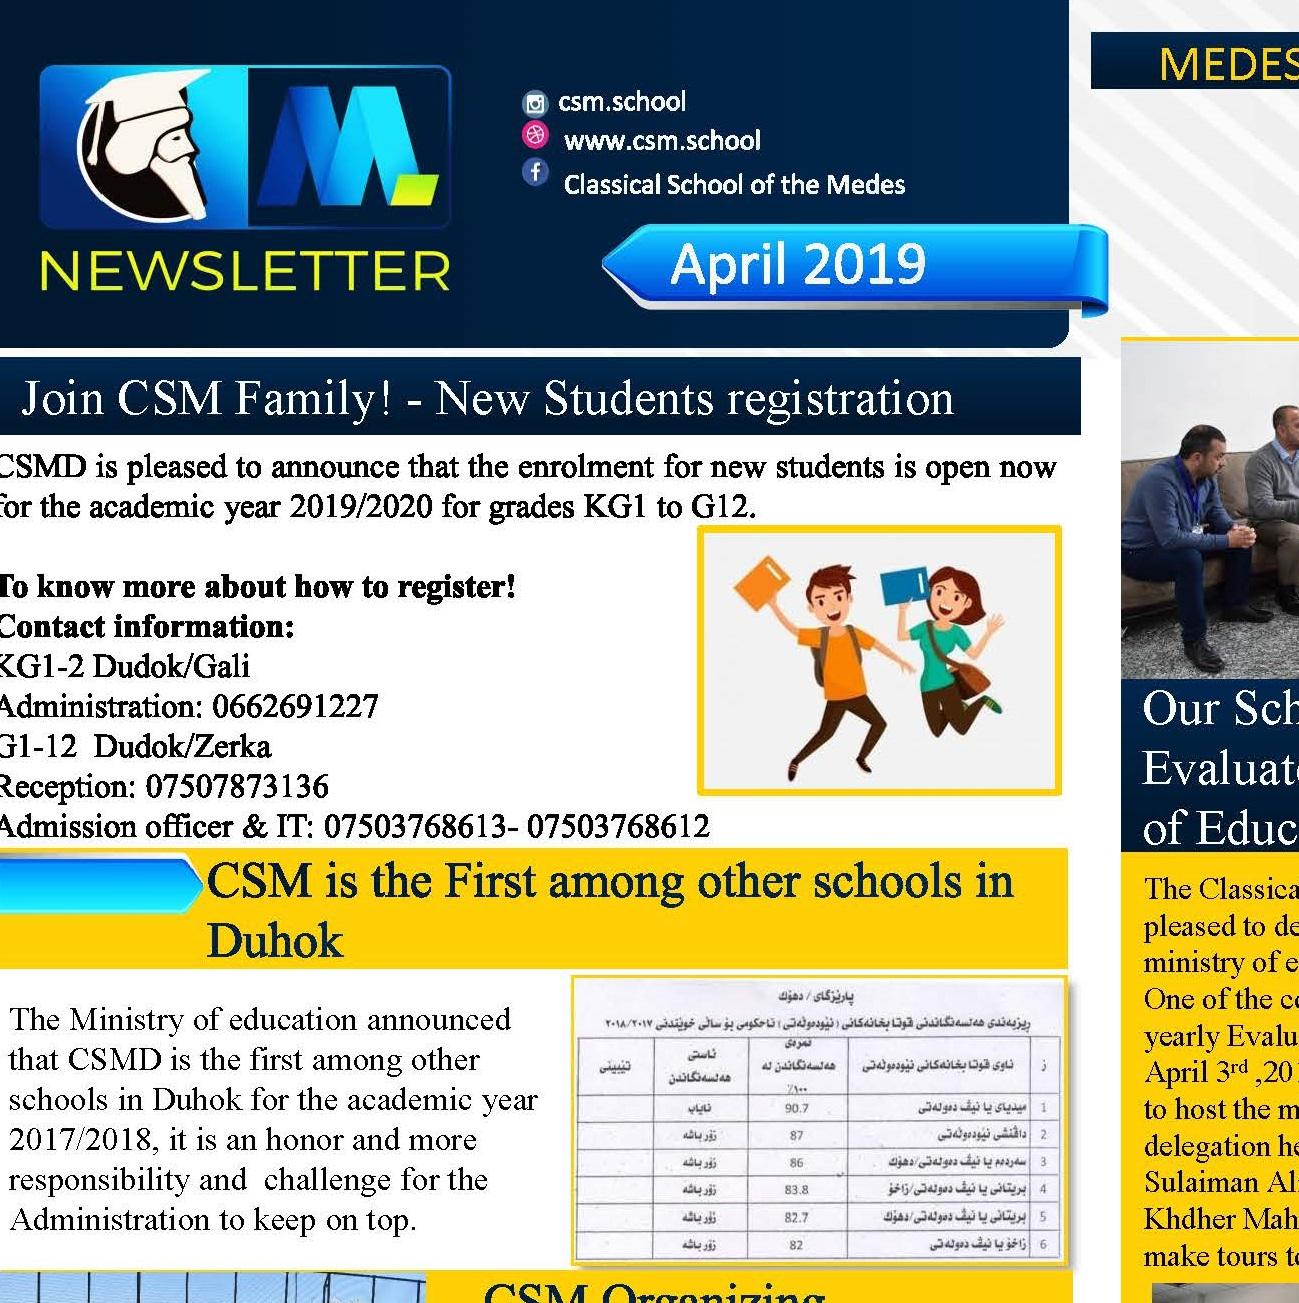 April 2019 Newsletter for CSM Duhok